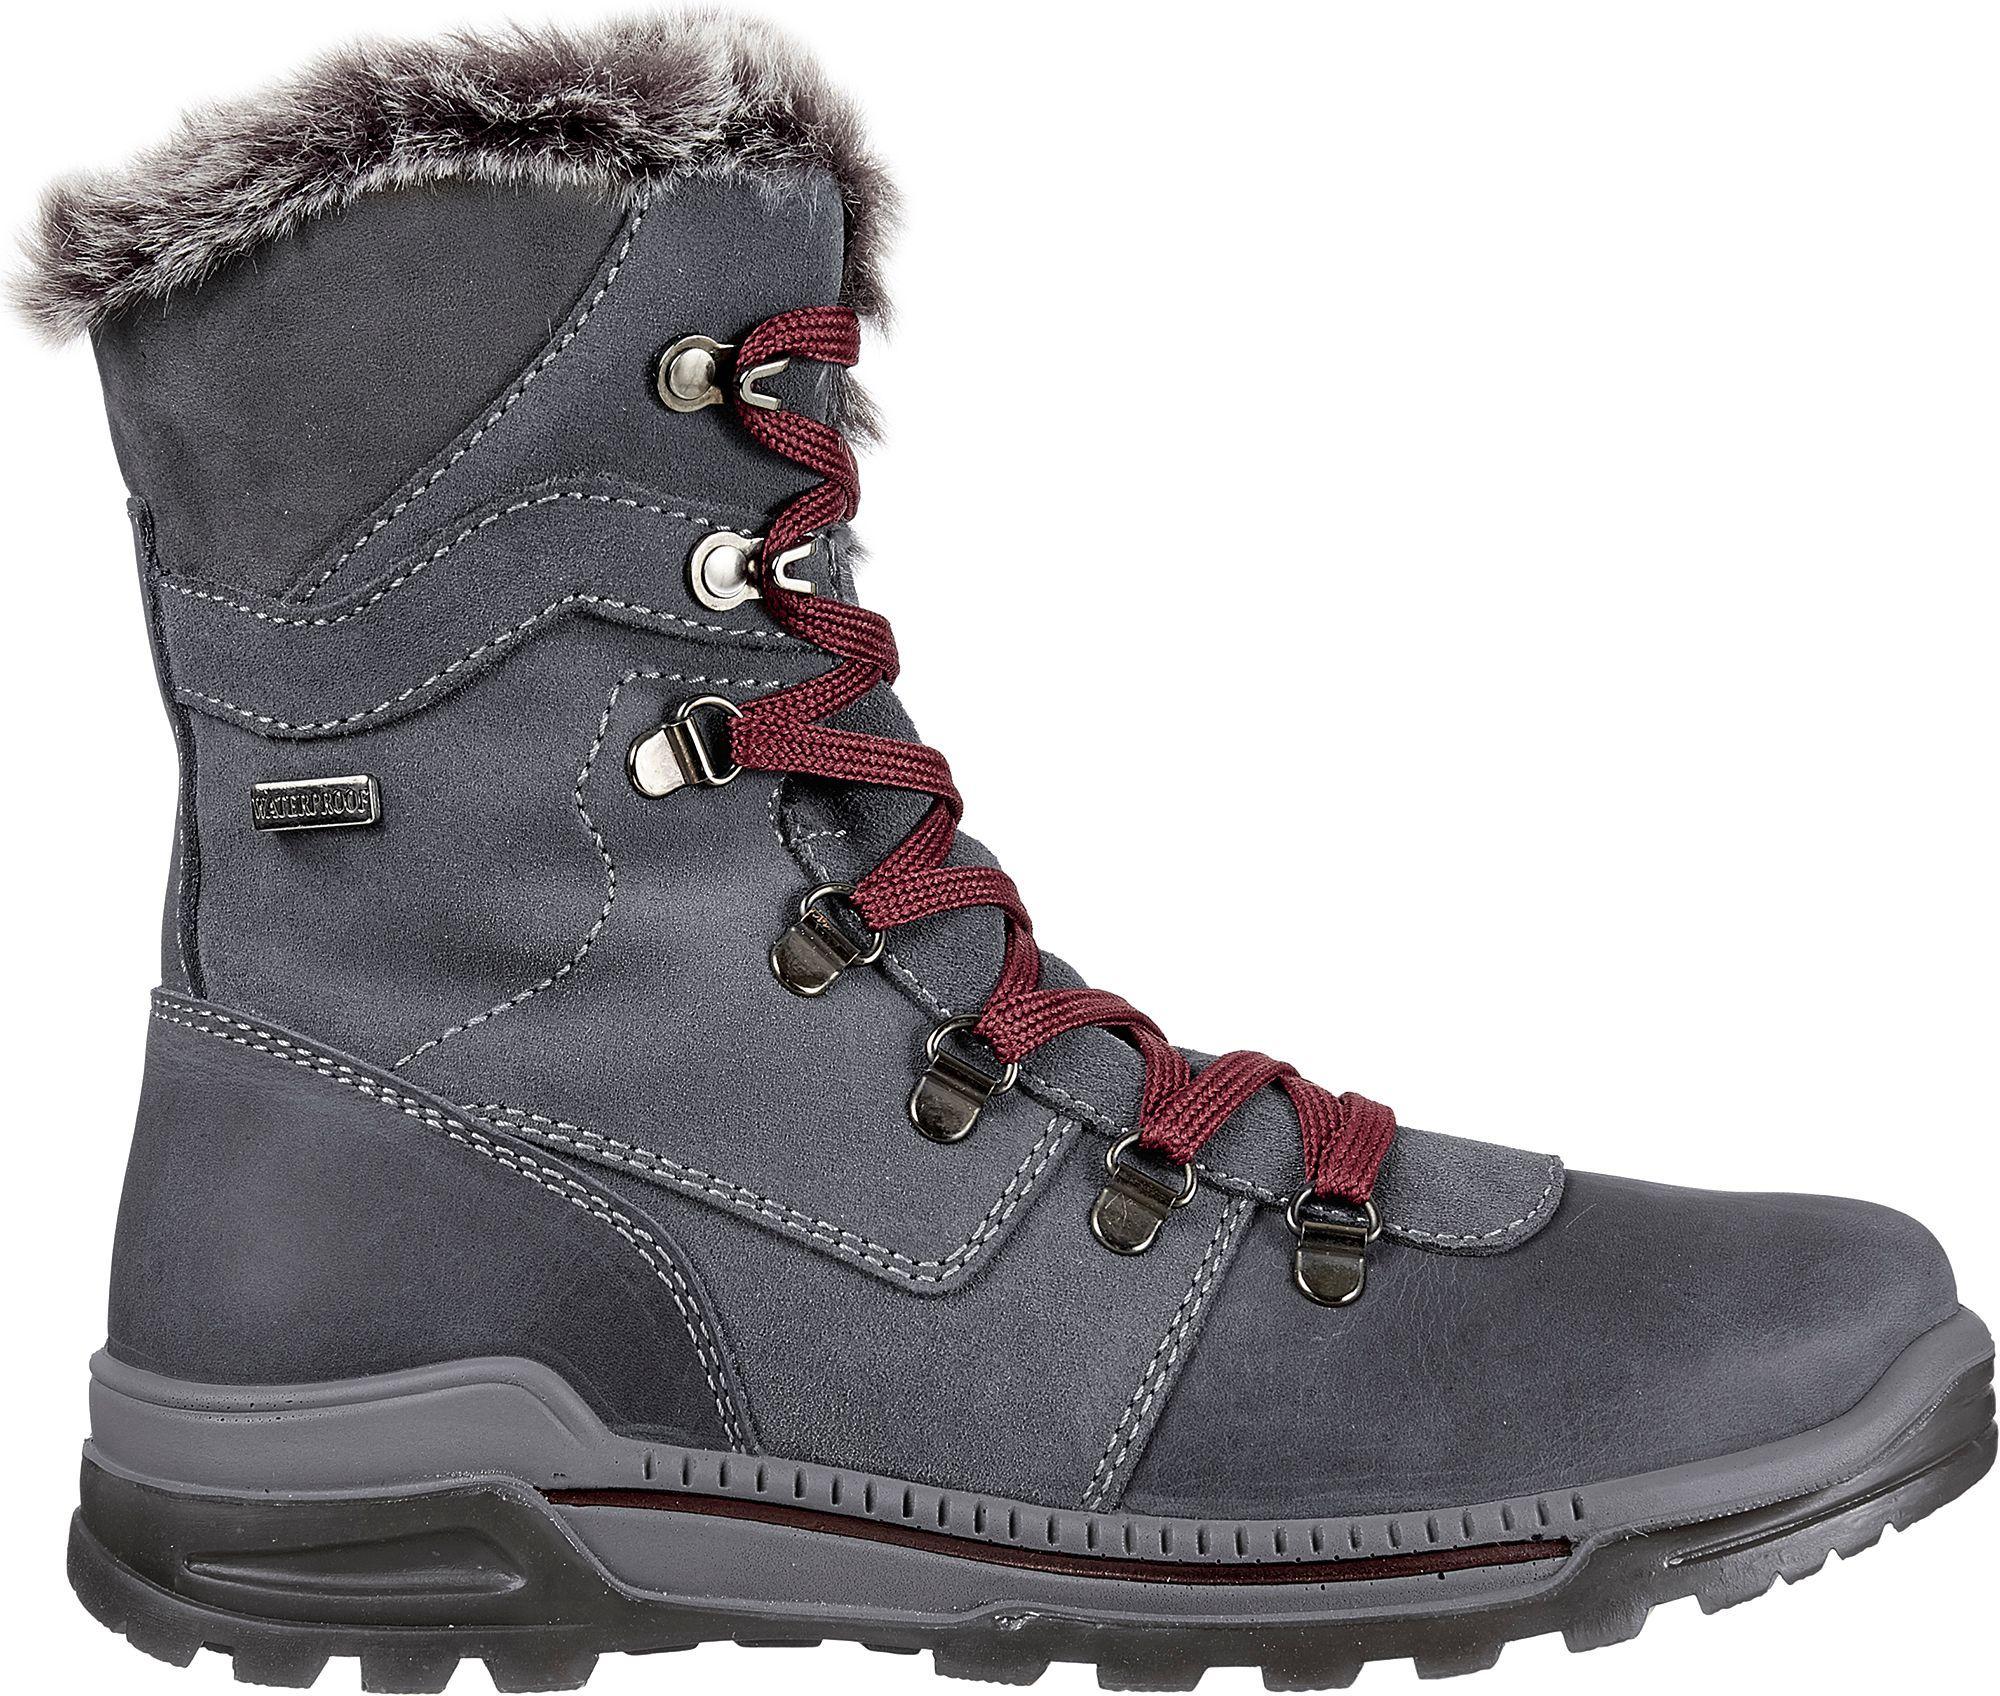 efc6106f4af Alpine Design Women's Benedetta Waterproof Winter Boots | Products ...